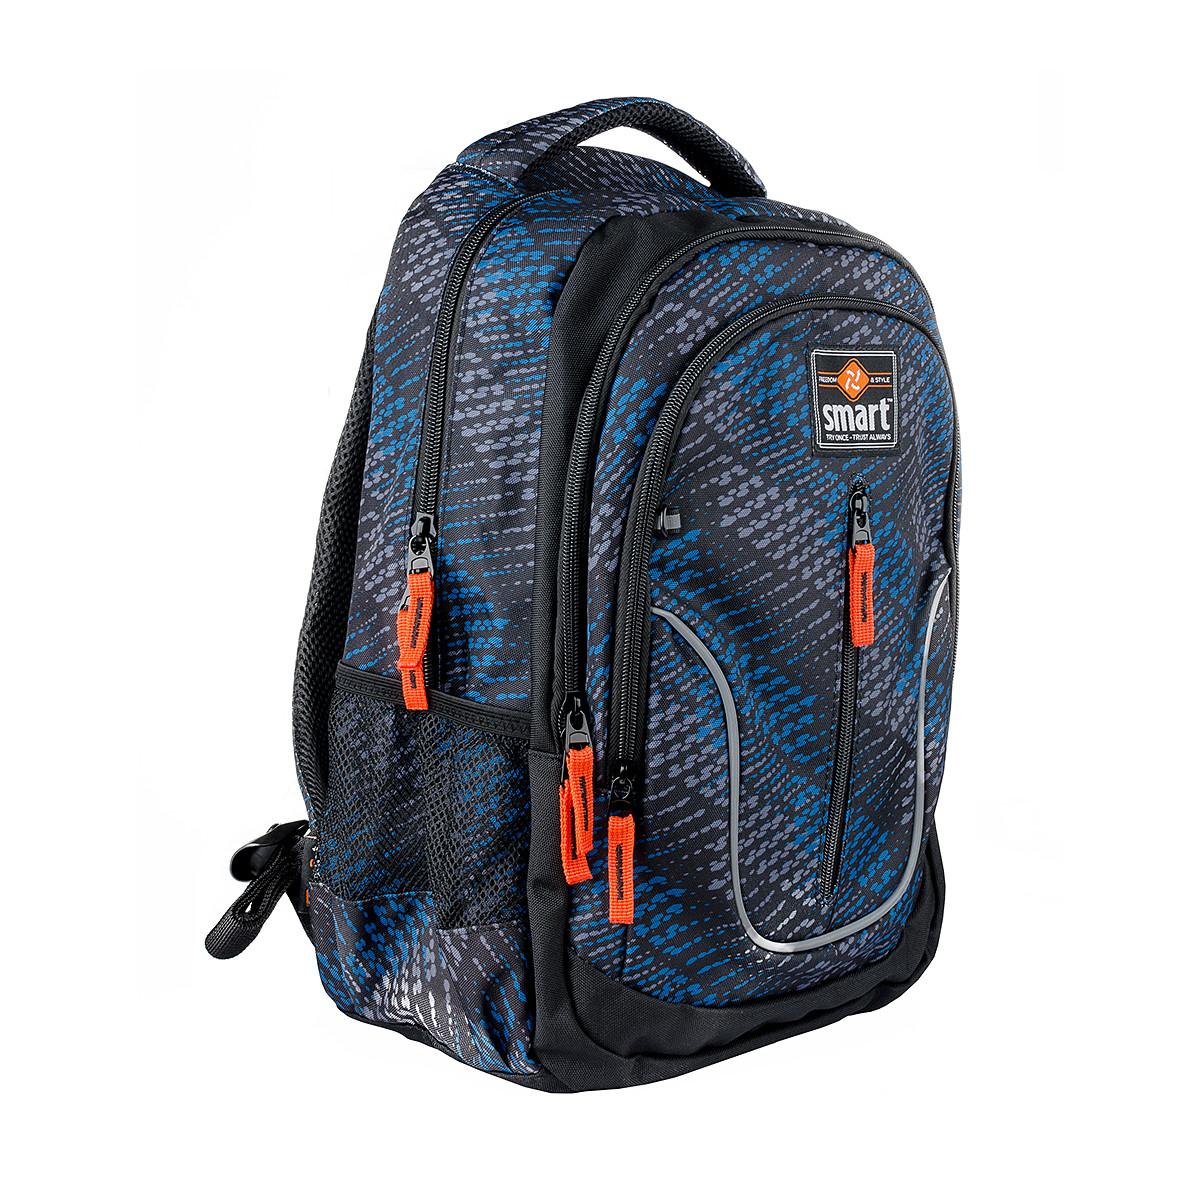 Рюкзак школьный SMART TN-07 Global, черн/син